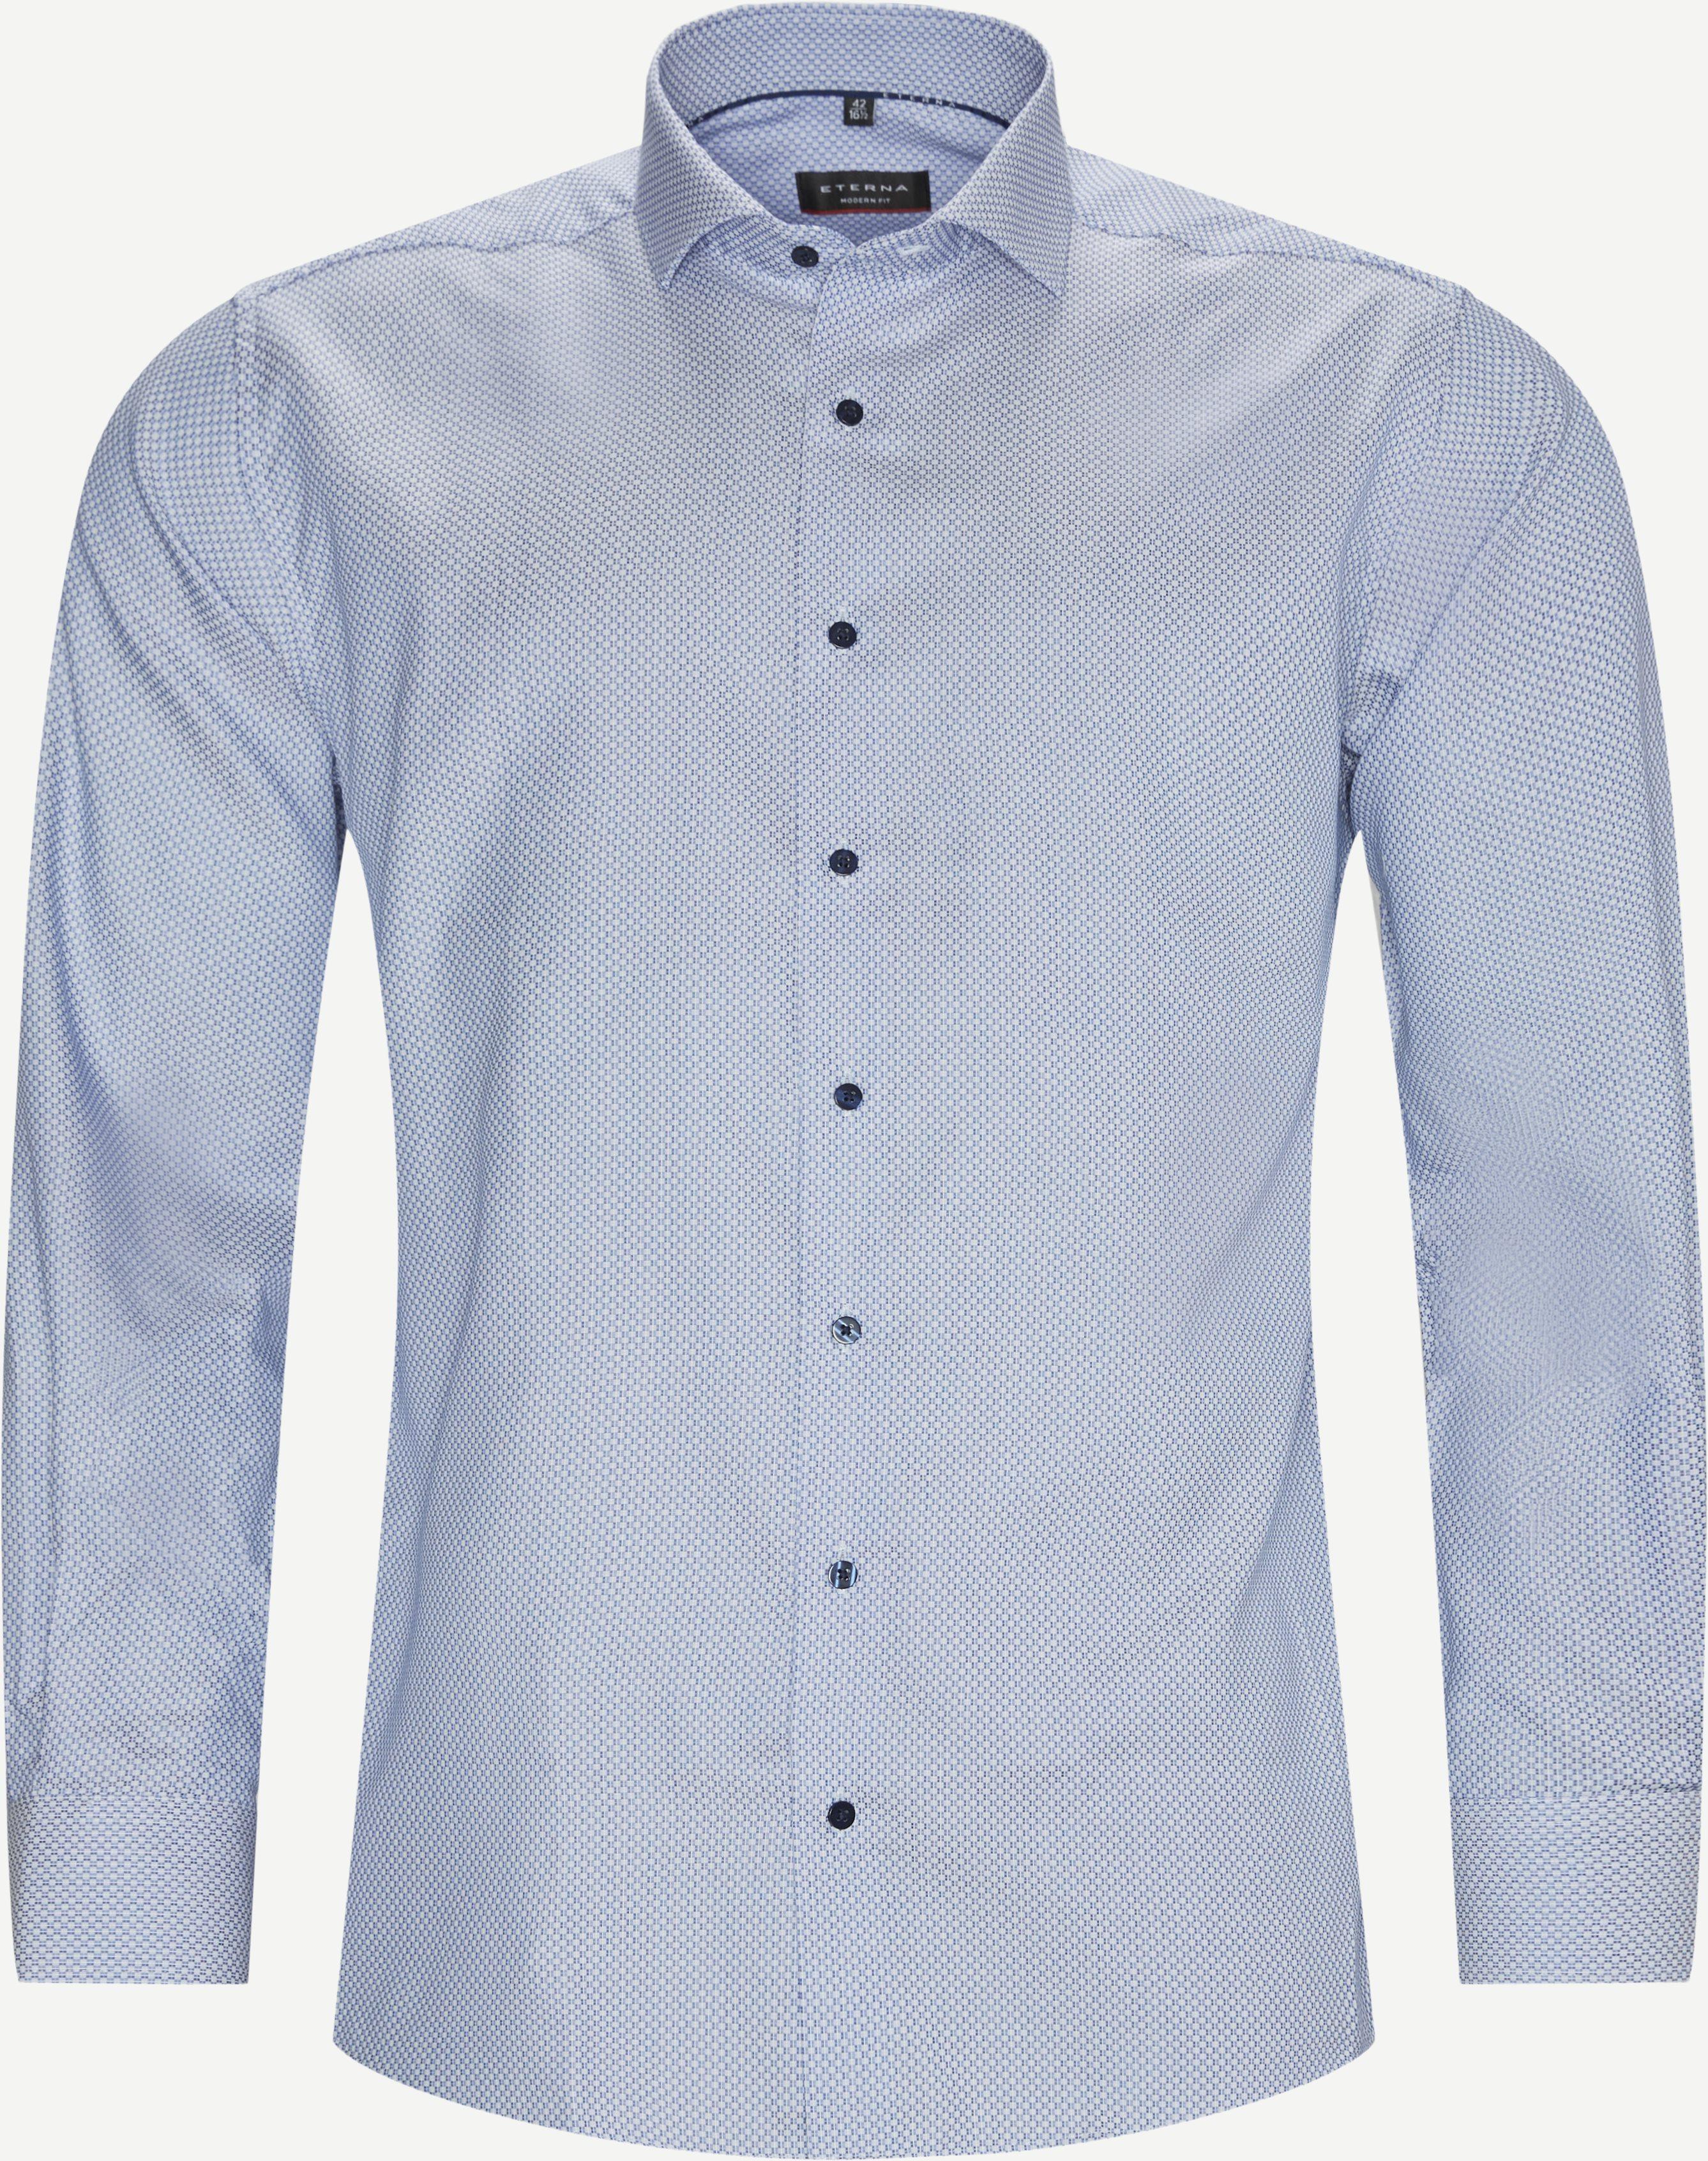 3218 Skjorte - Skjorter - Modern fit - Blå